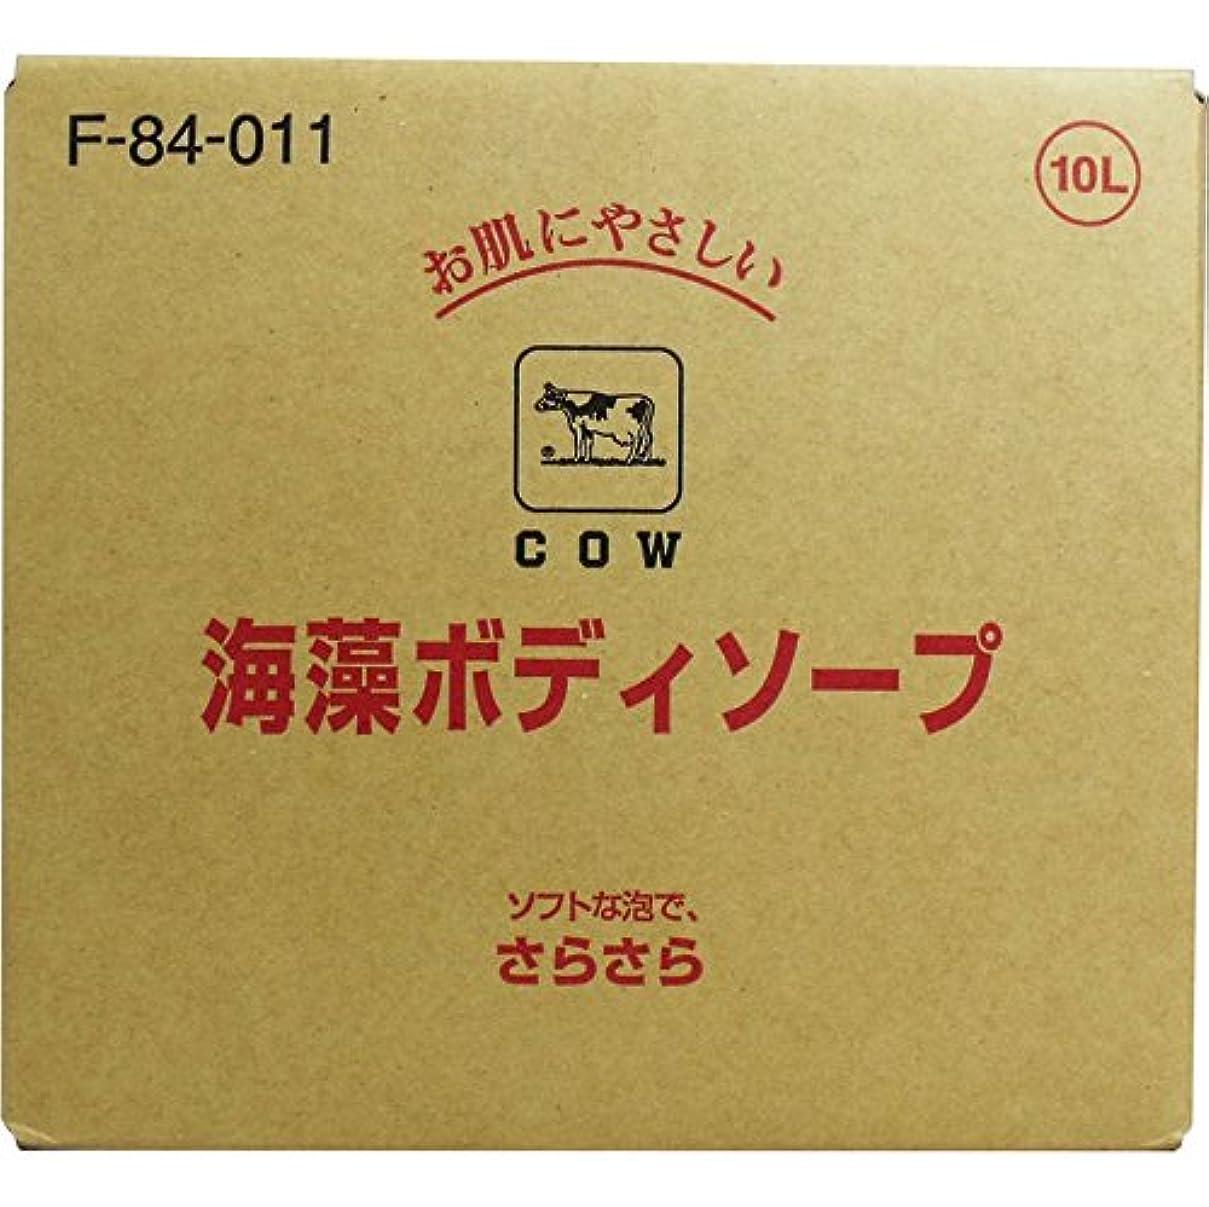 ハーブ火山壁紙ボディ 石けん詰め替え さらさらした洗い心地 便利商品 牛乳ブランド 海藻ボディソープ 業務用 10L